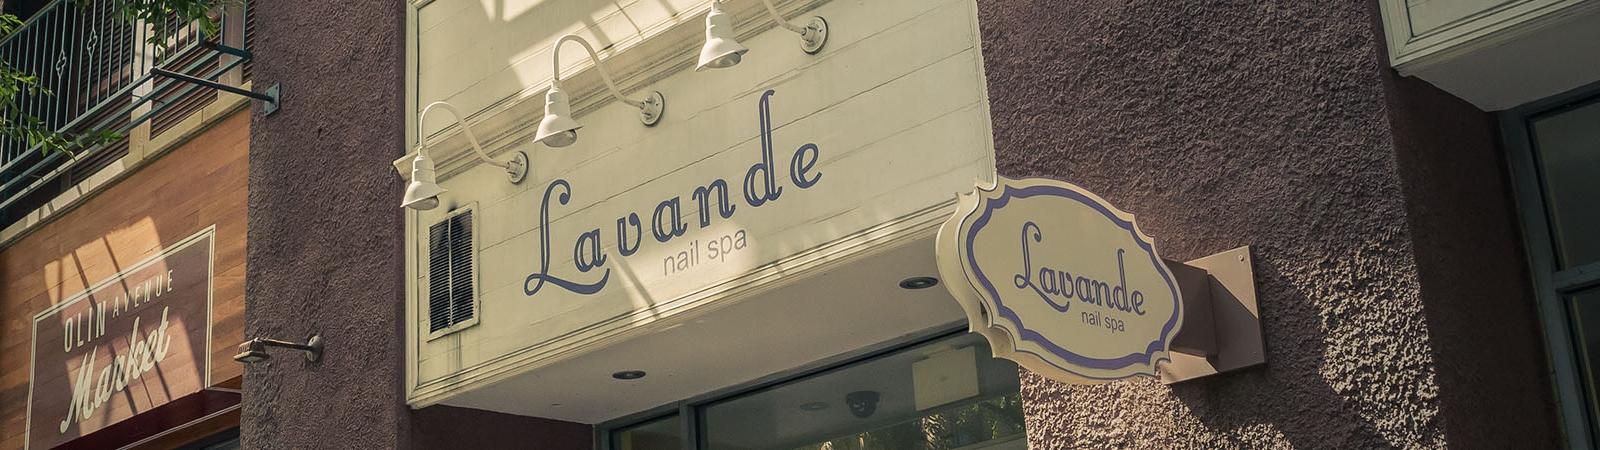 Lavande Day Spa Santana Row